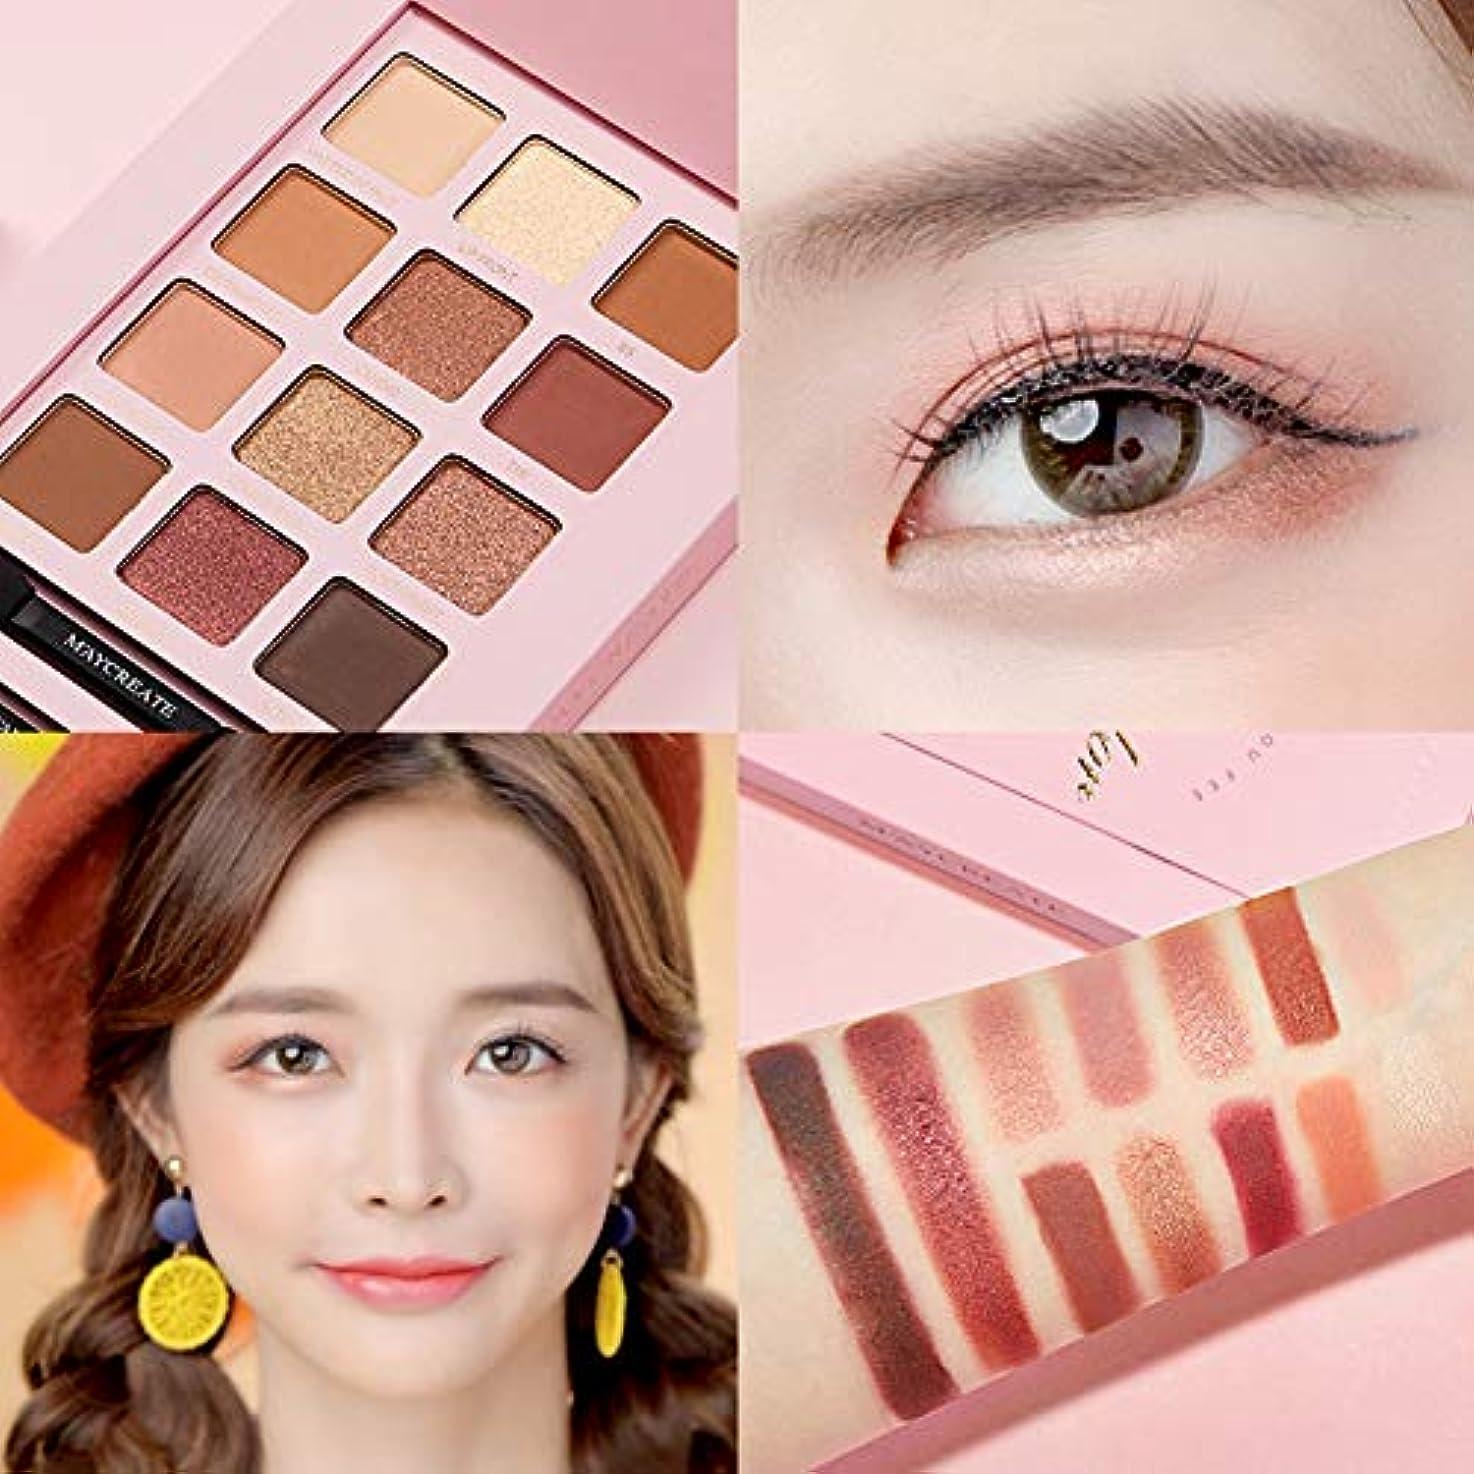 推定する軽汚物Dkhsyアイシャドーマットアイシャドープレート美容女性の目の化粧品ラスティングキラキラアイシャドウ化粧品ツール 12色